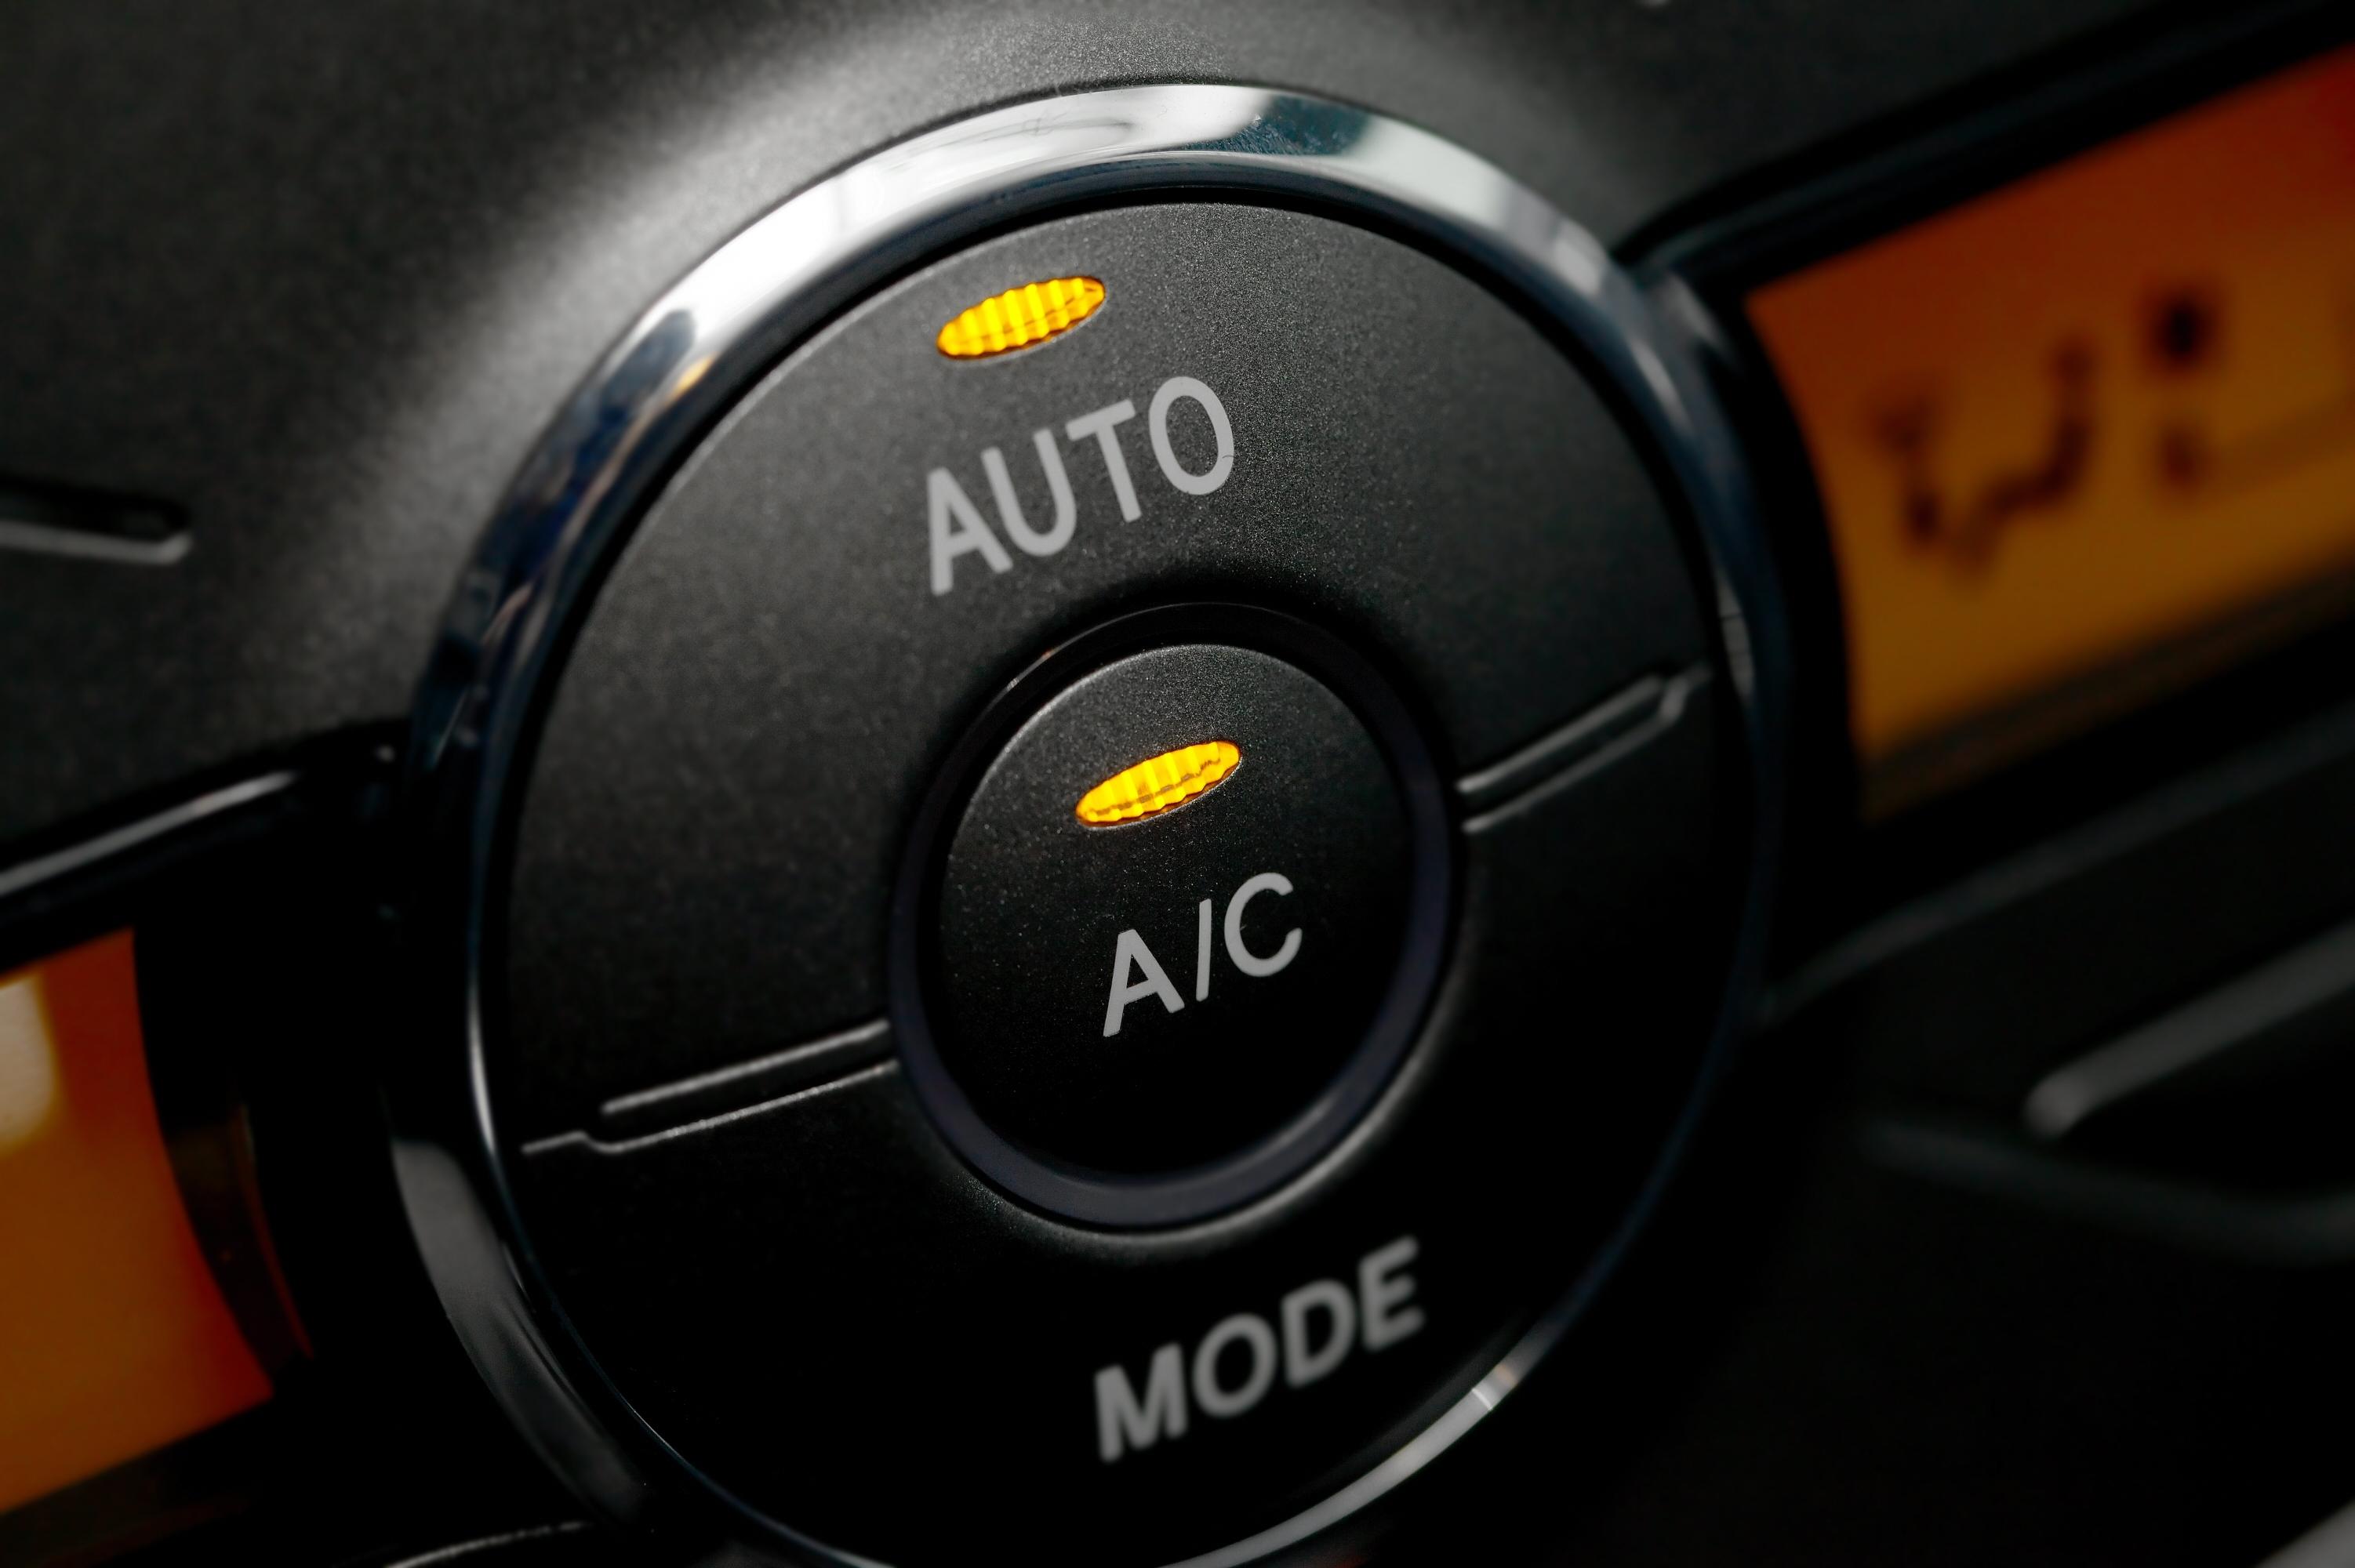 10 نصائح مهمة للحفاظ على مكيف السيارة من التلف